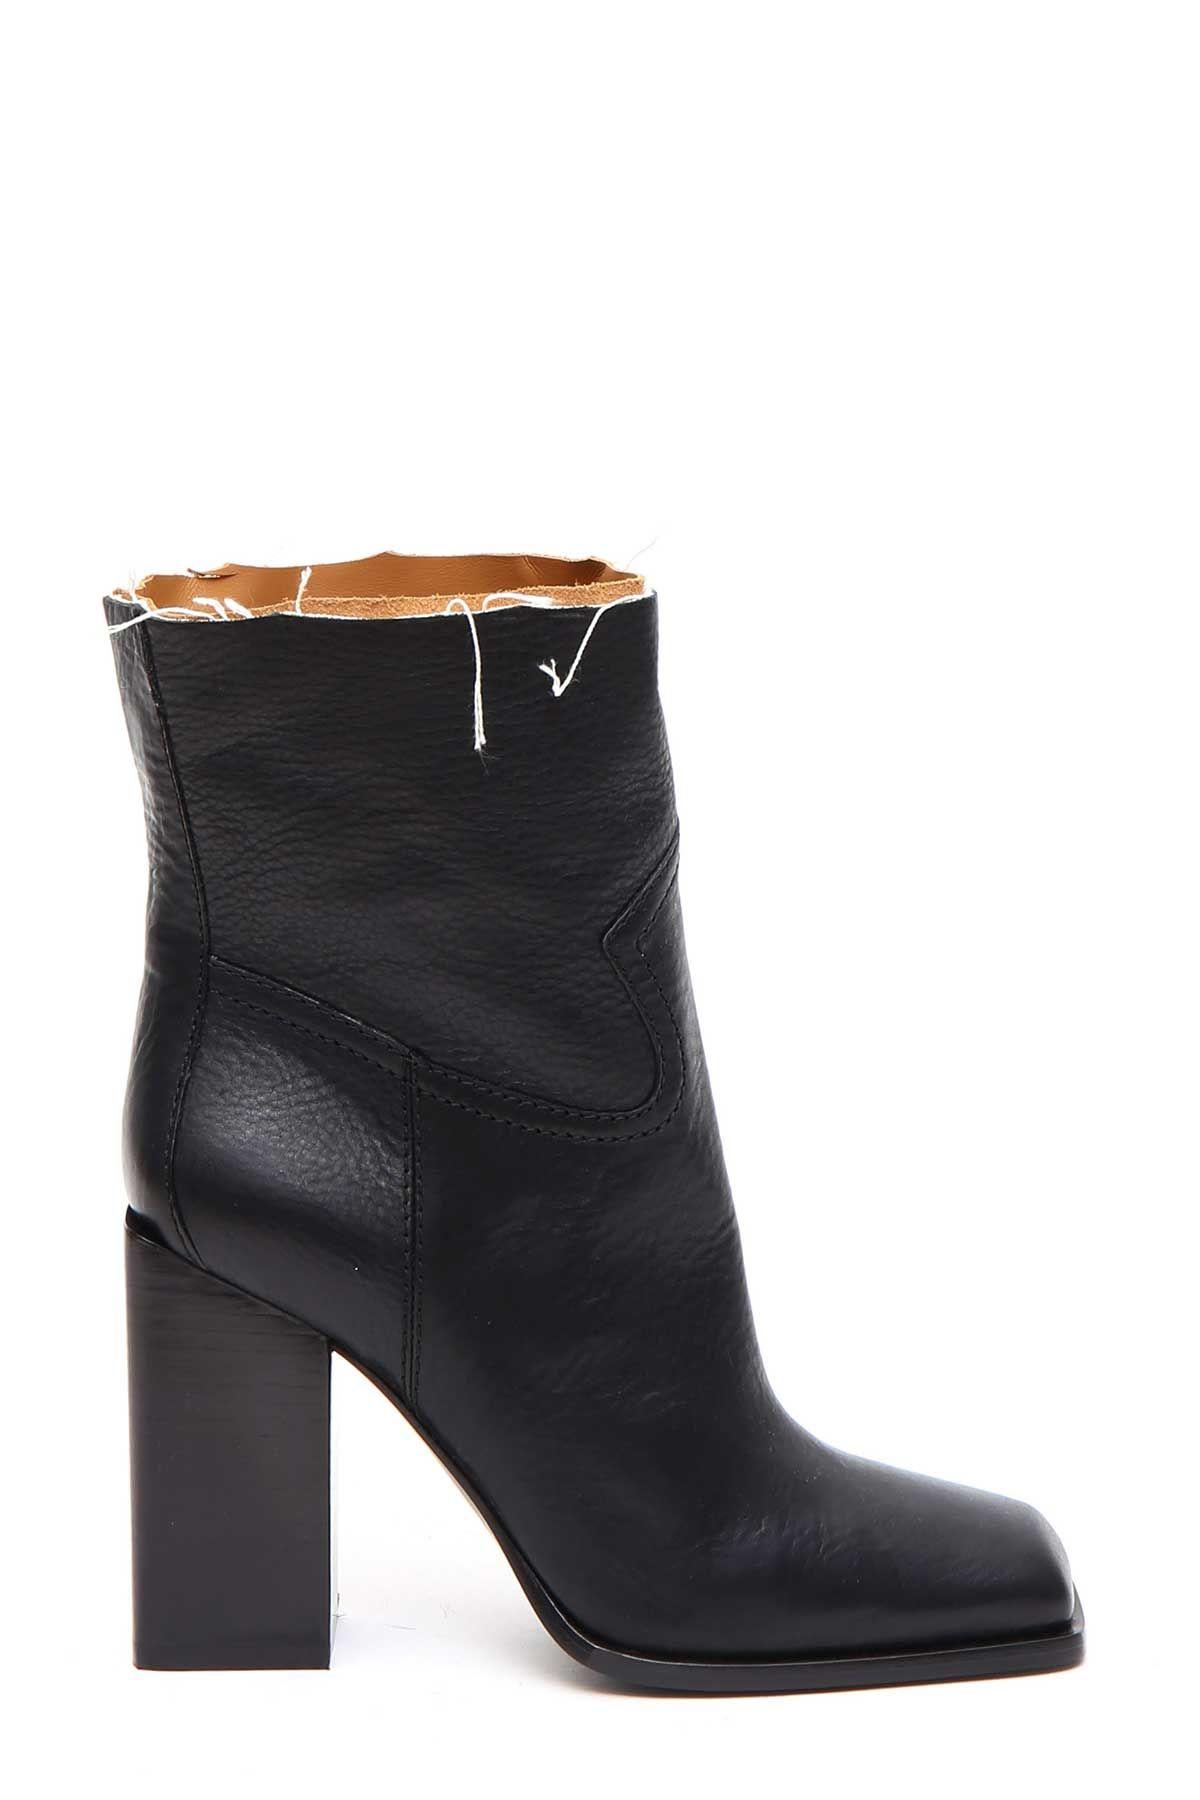 Saint Laurent Saint Laurent jodie Ankle Boots